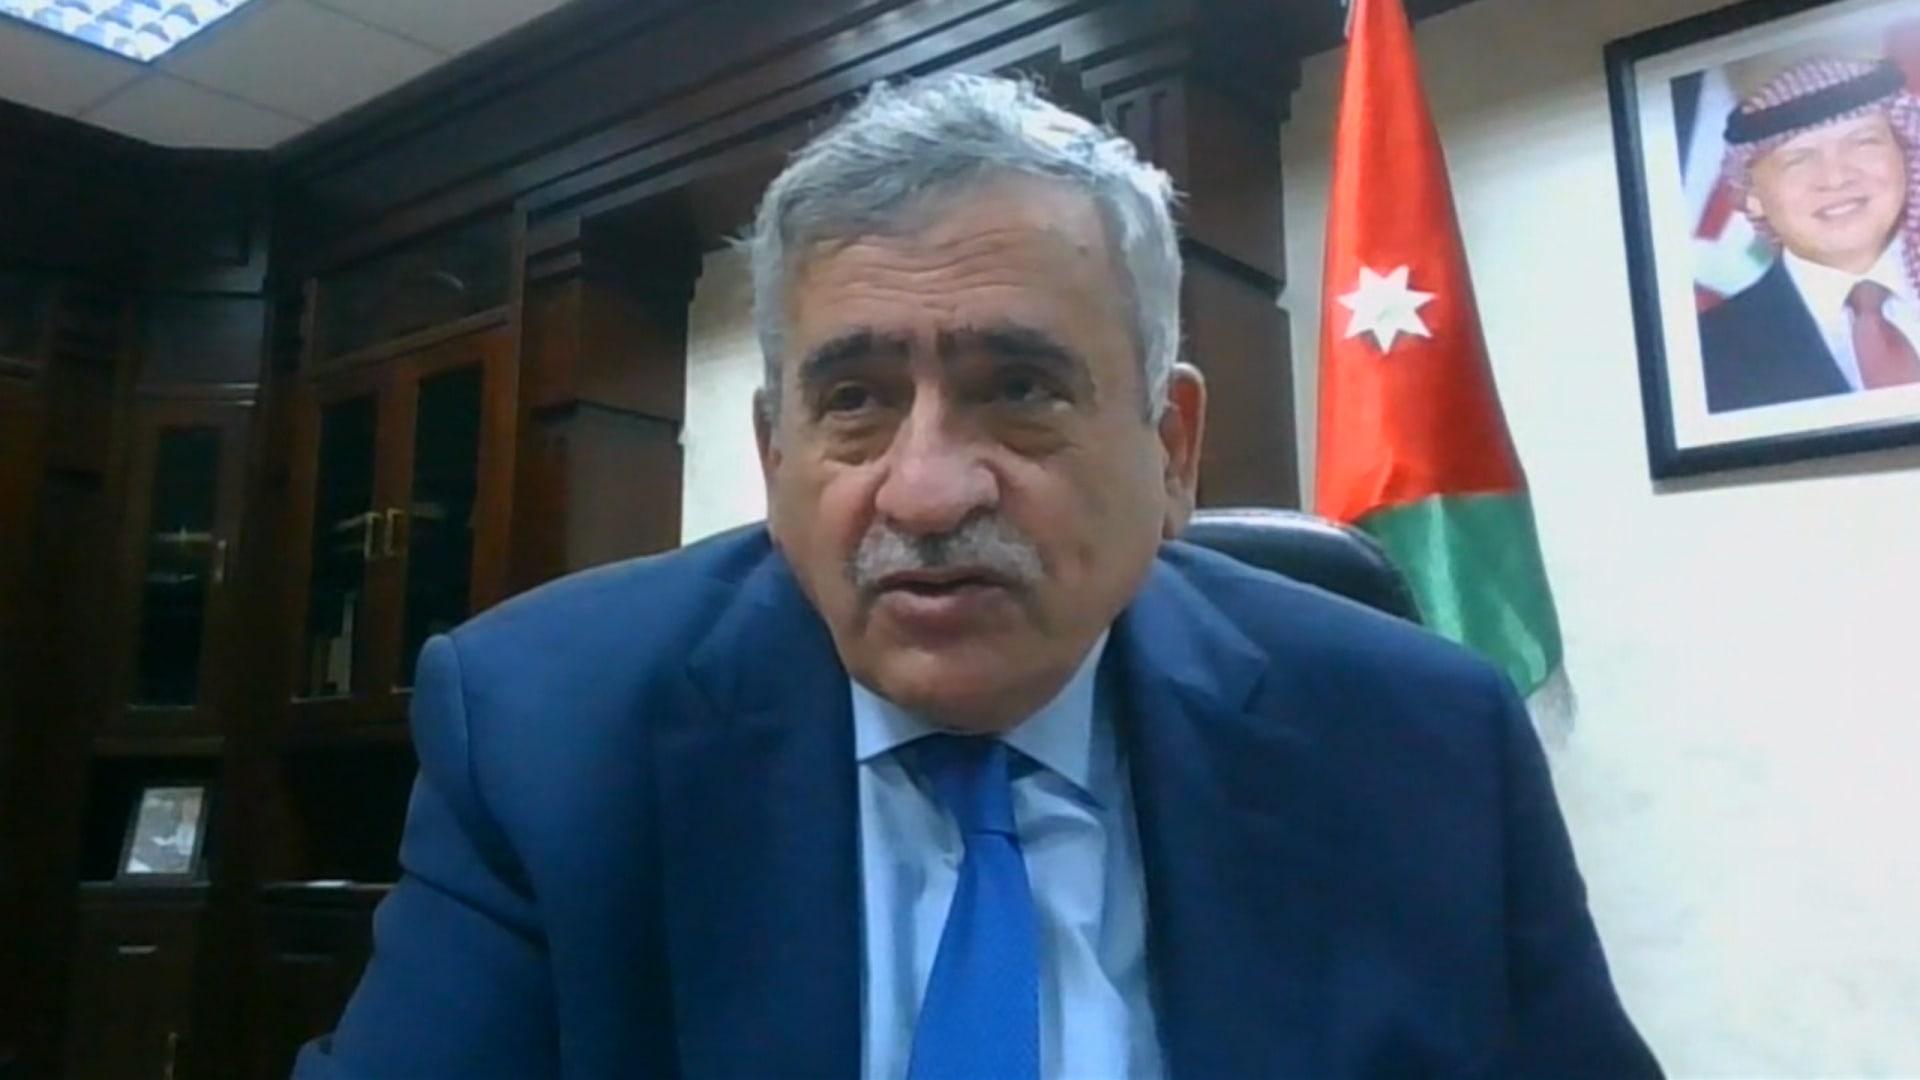 وزير الصحة الأردني: نعتقد أن كل الناس على أرض الأردن لهم الحق في أخذ اللقاح بمن فيهم اللاجئين